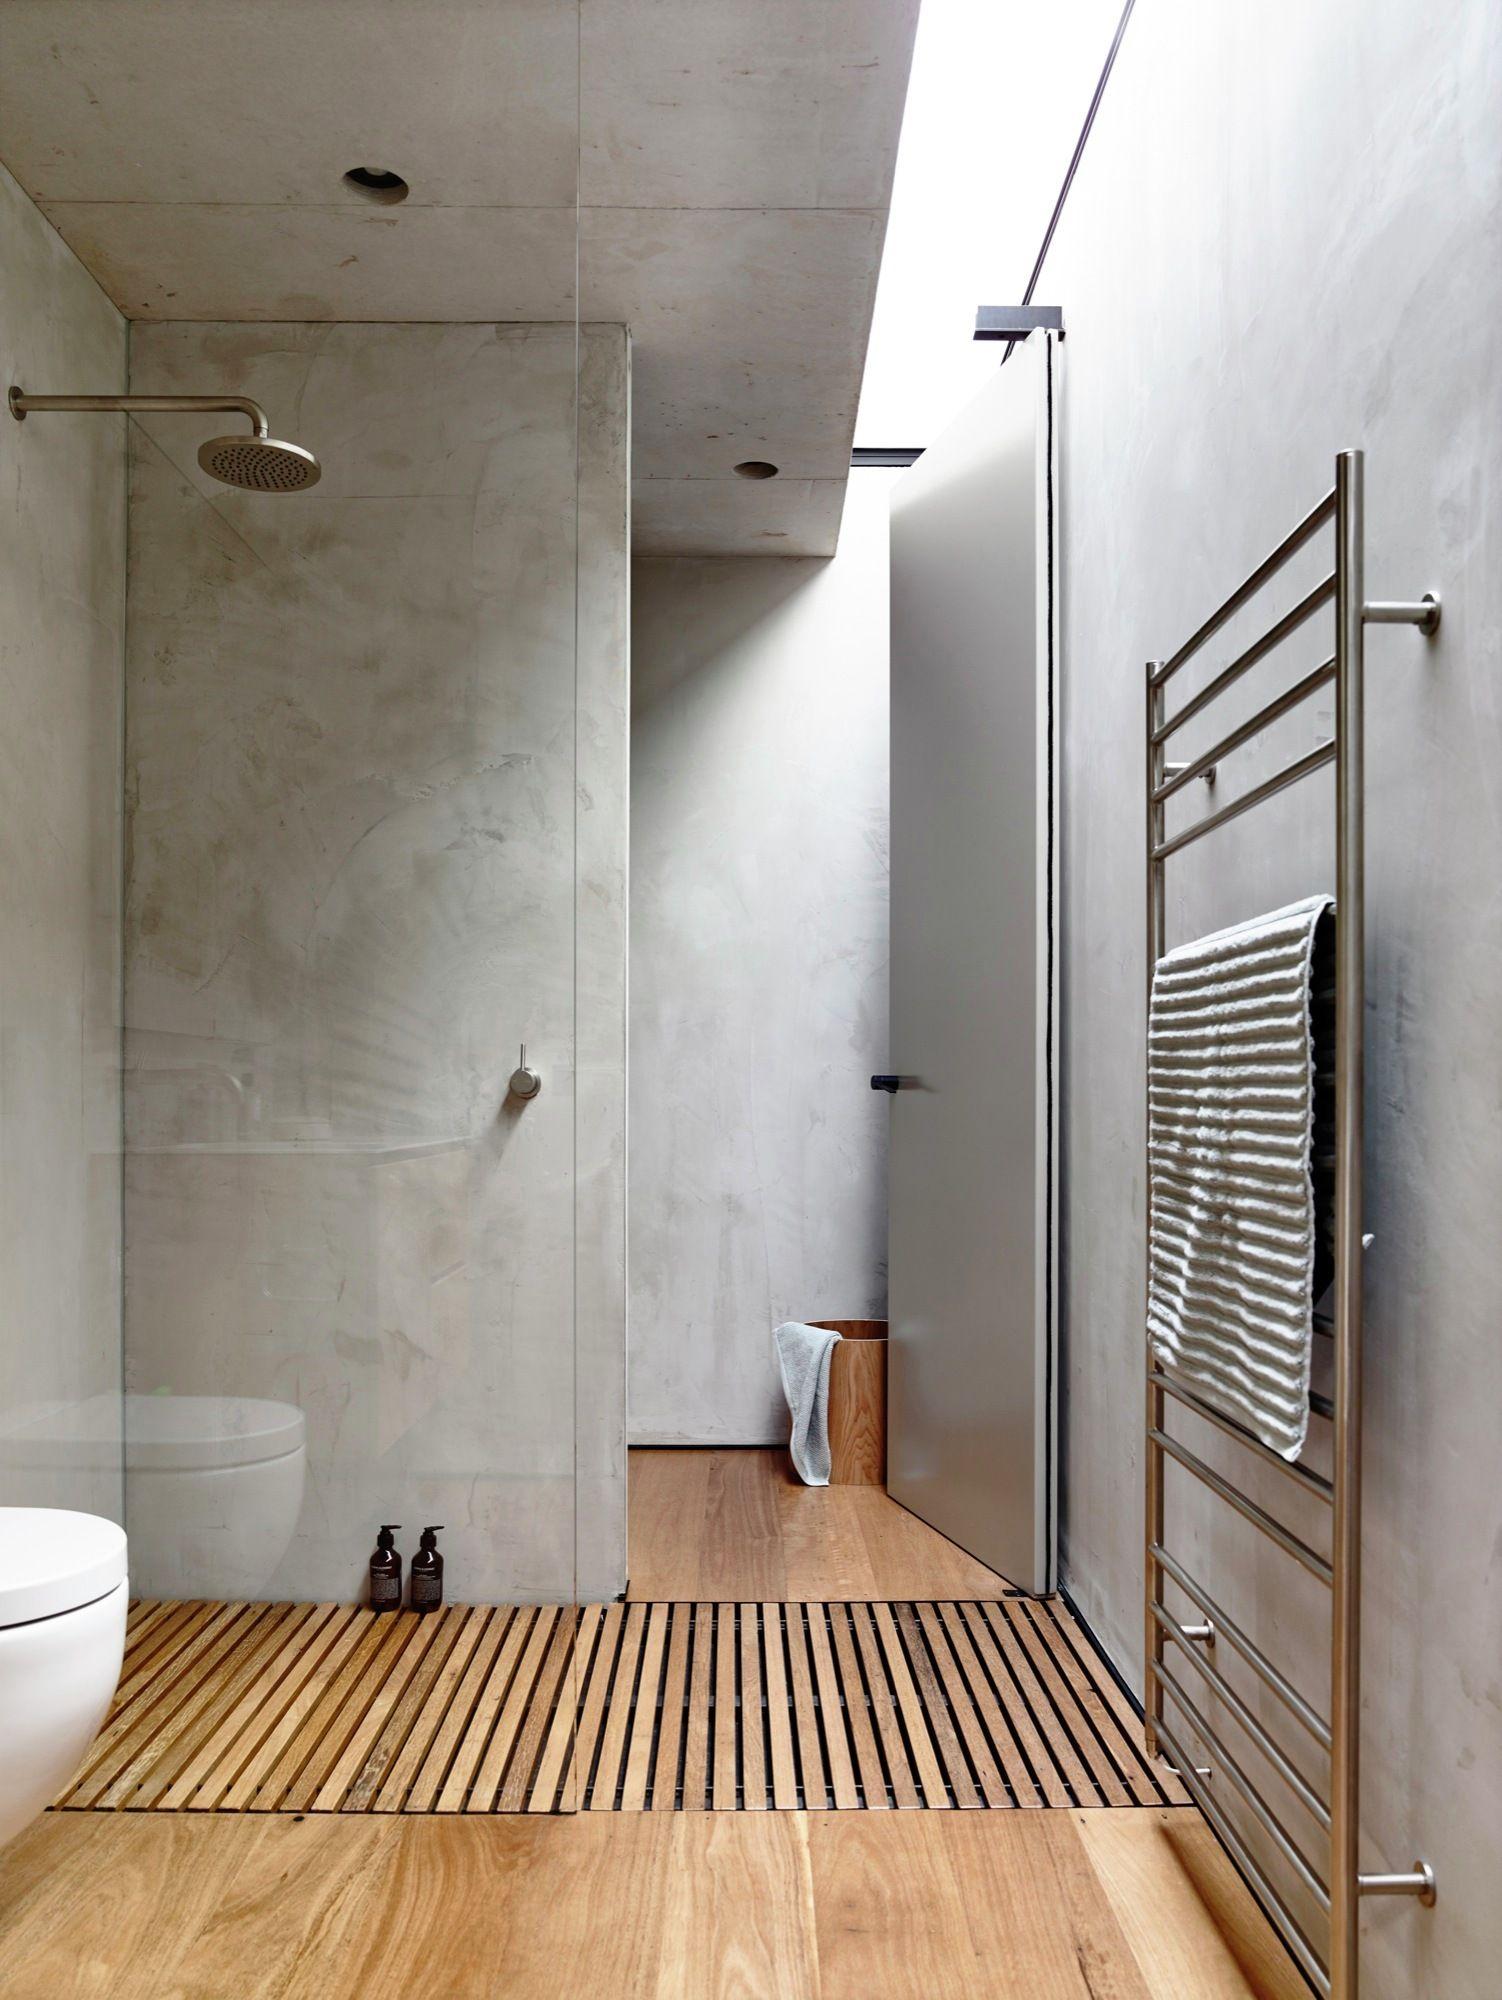 10x de mooiste badkamers met beton | Pinterest - Badkamers, Badkamer ...